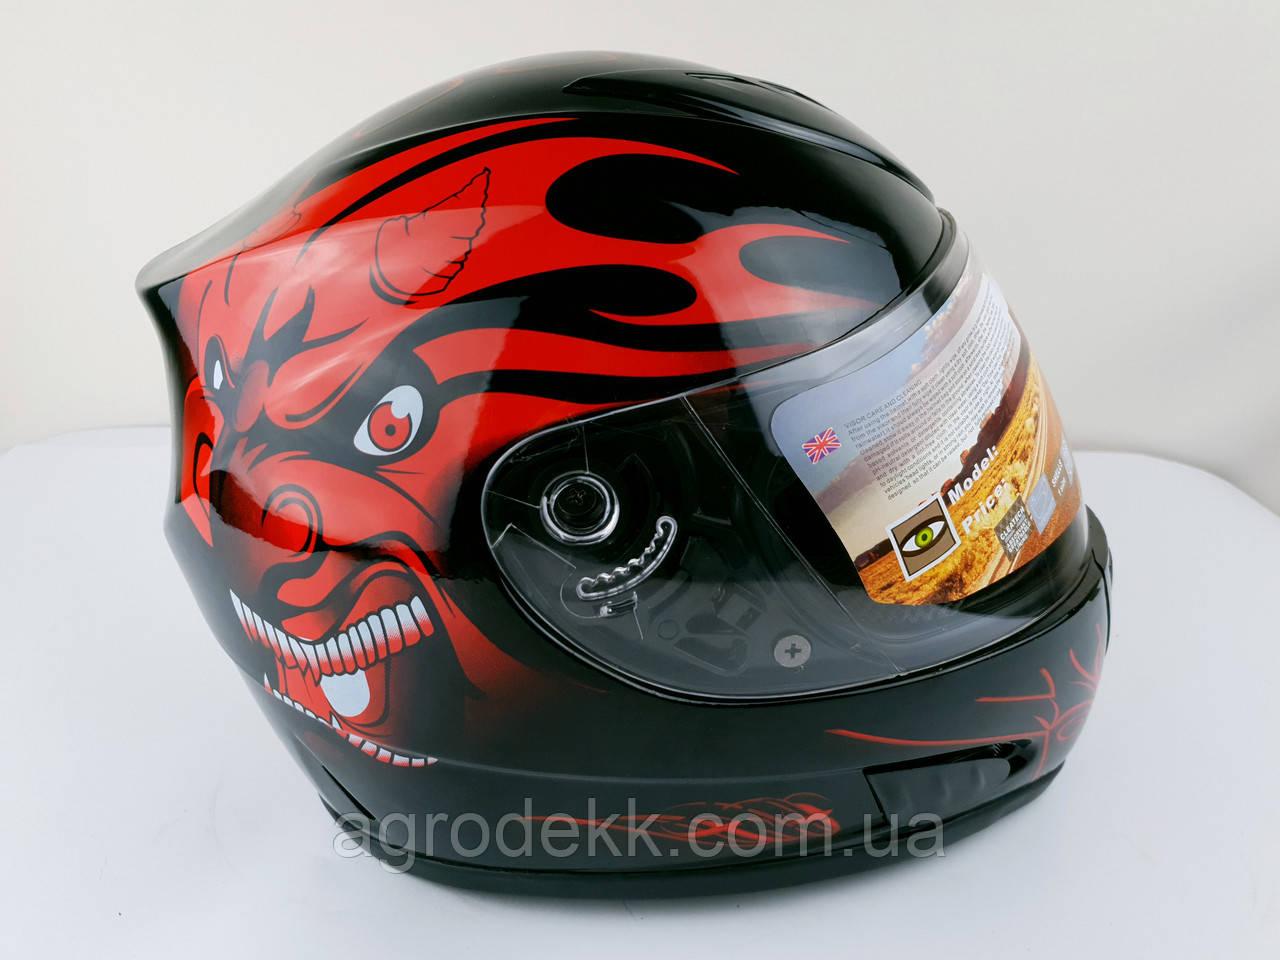 Шлем для мотоцикла Hel-Met 160 черный глянец